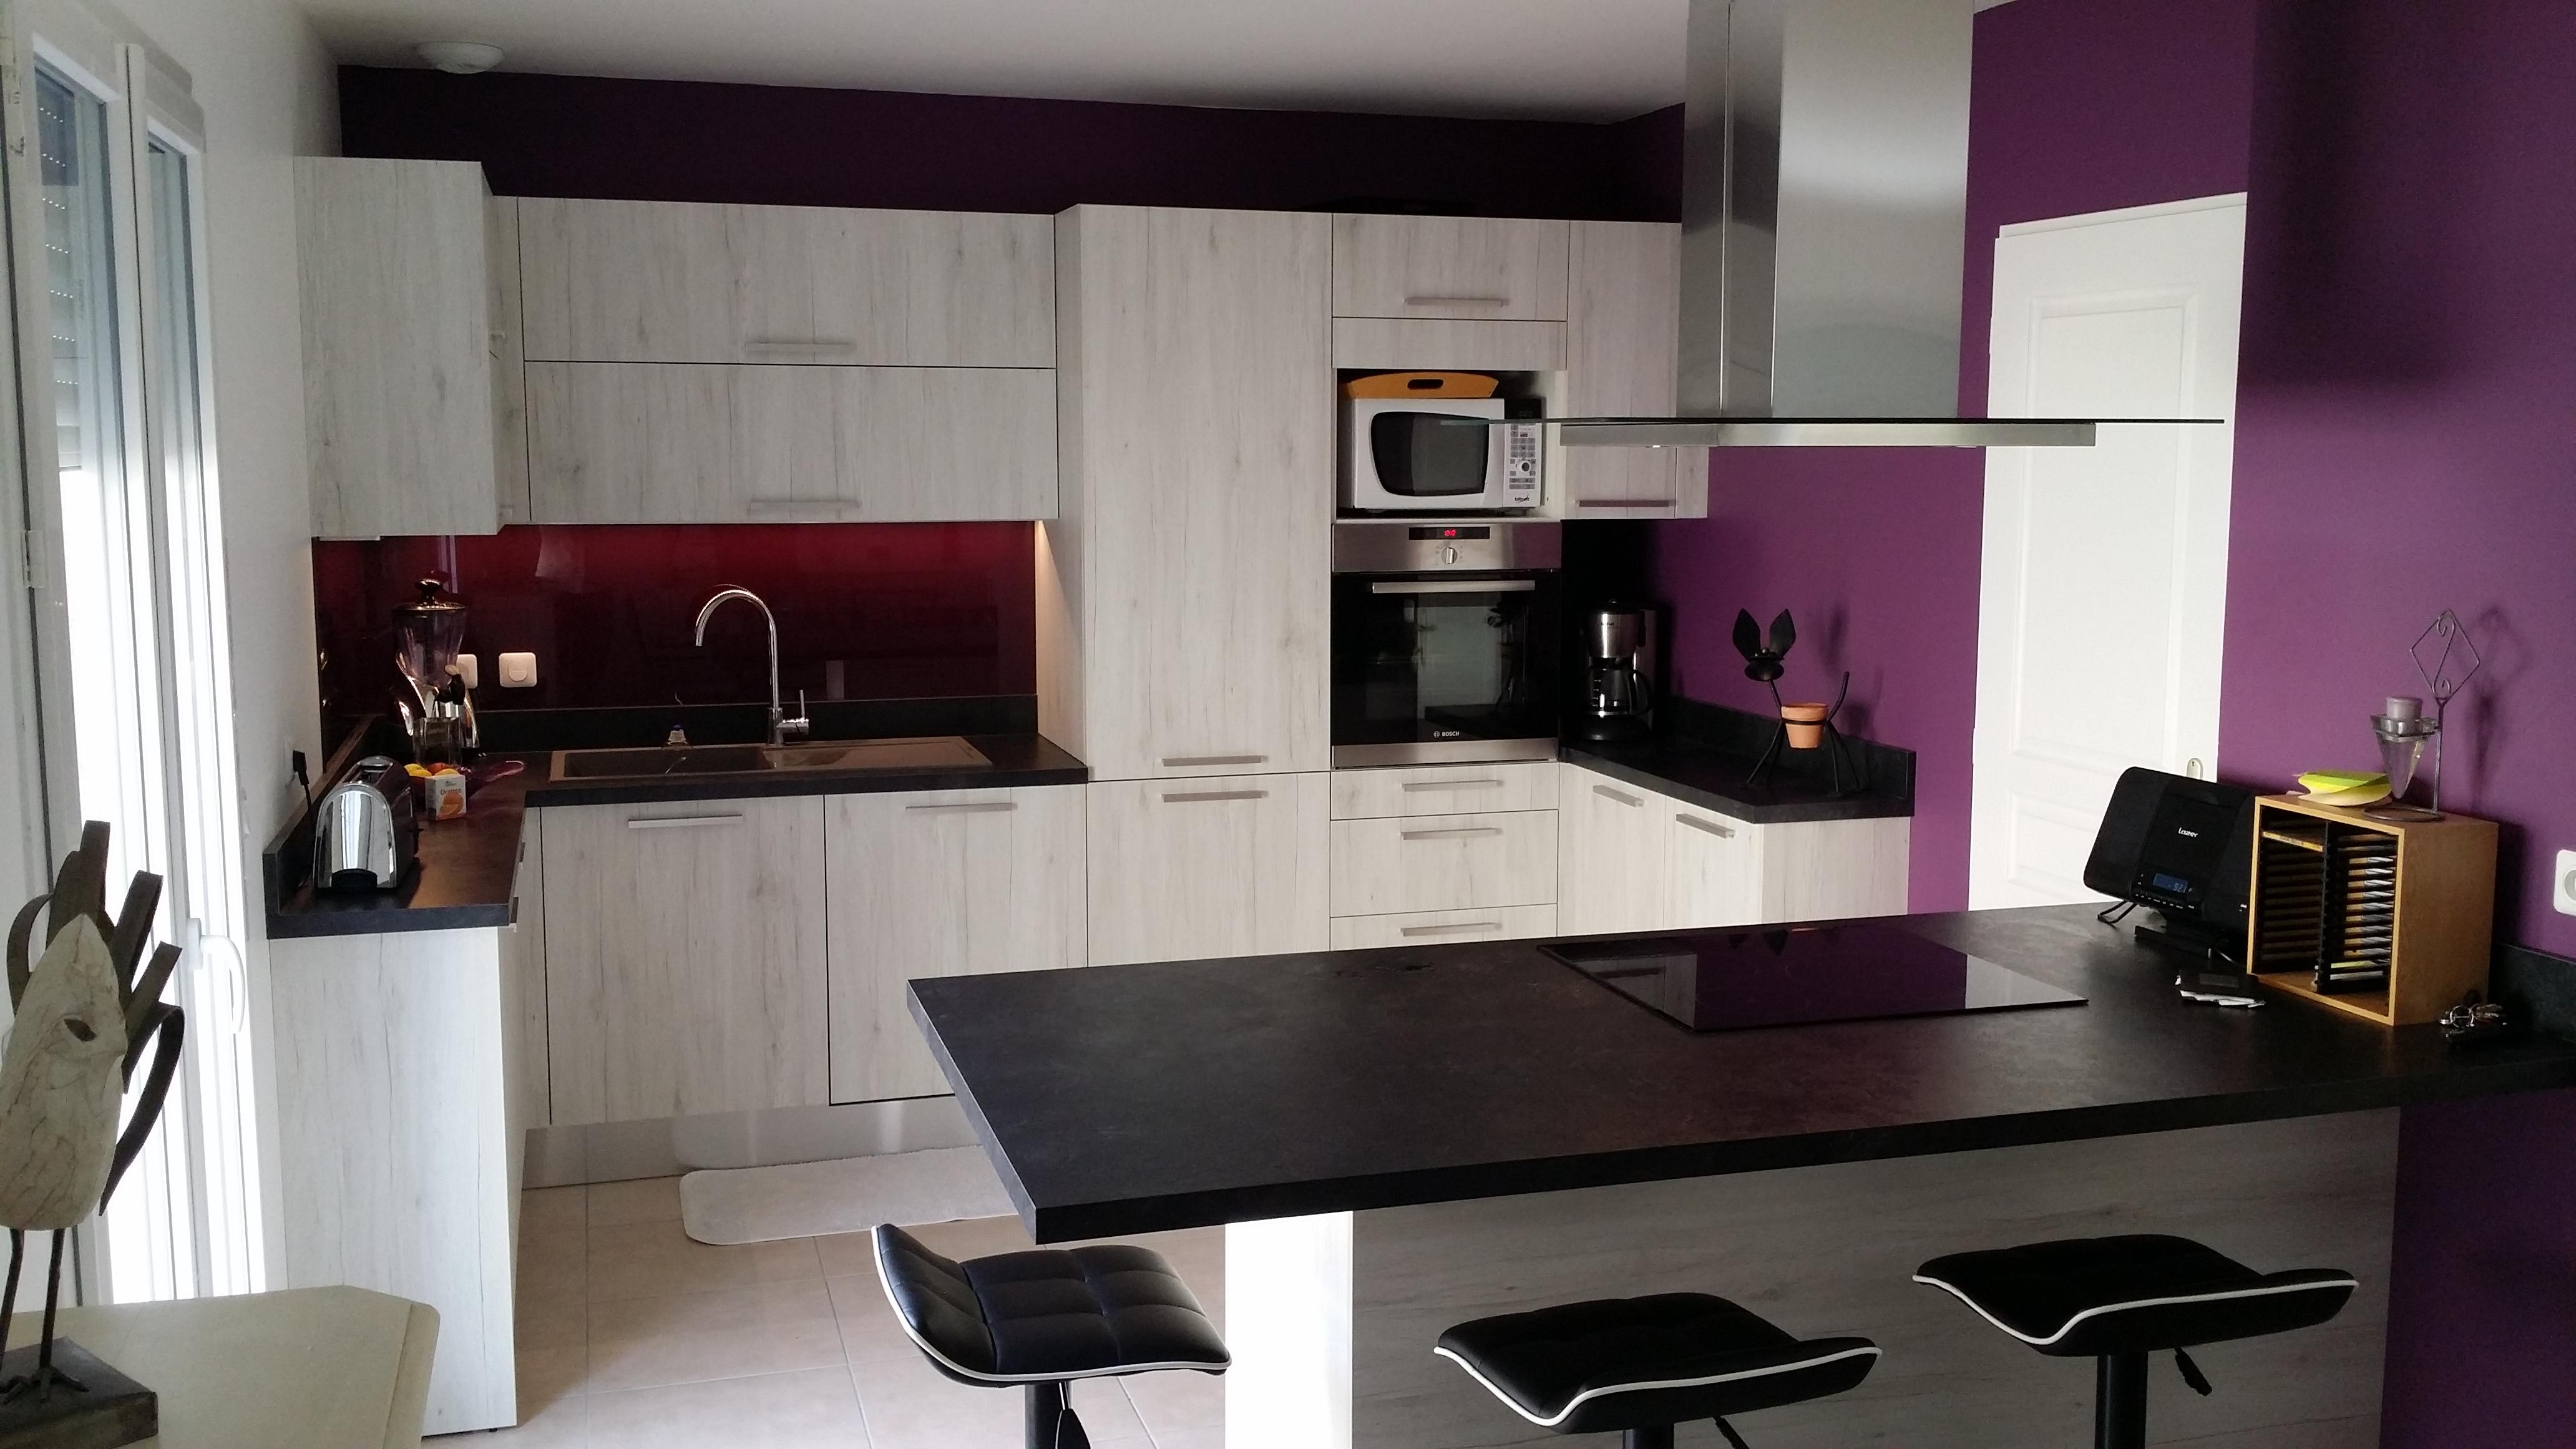 cuisinistes quels sont les cuisinistes s rieux perdue 38 messages page 2. Black Bedroom Furniture Sets. Home Design Ideas